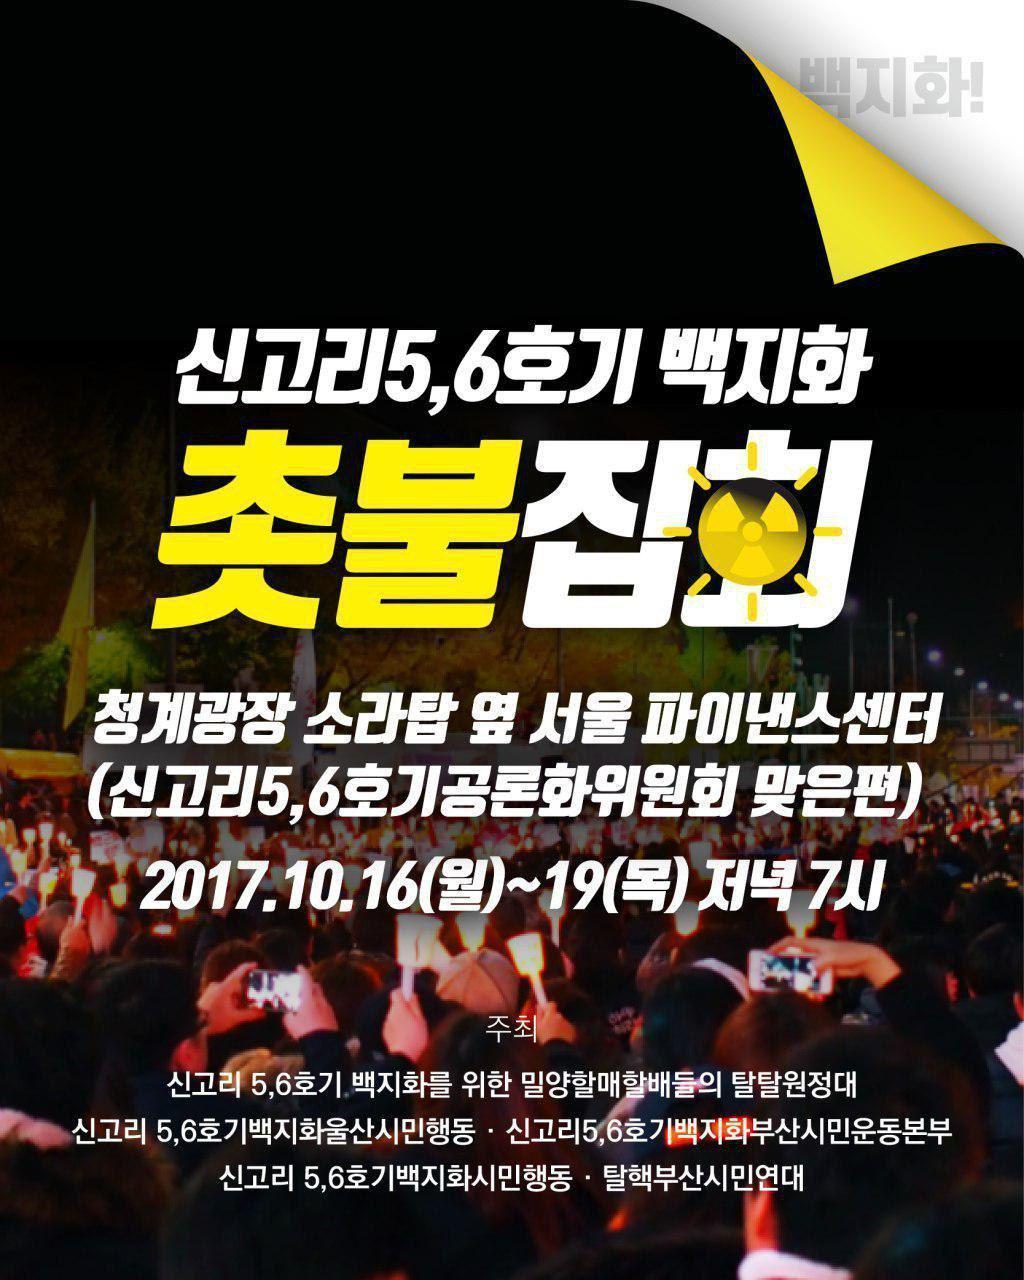 photo_2017-10-16_17-50-24